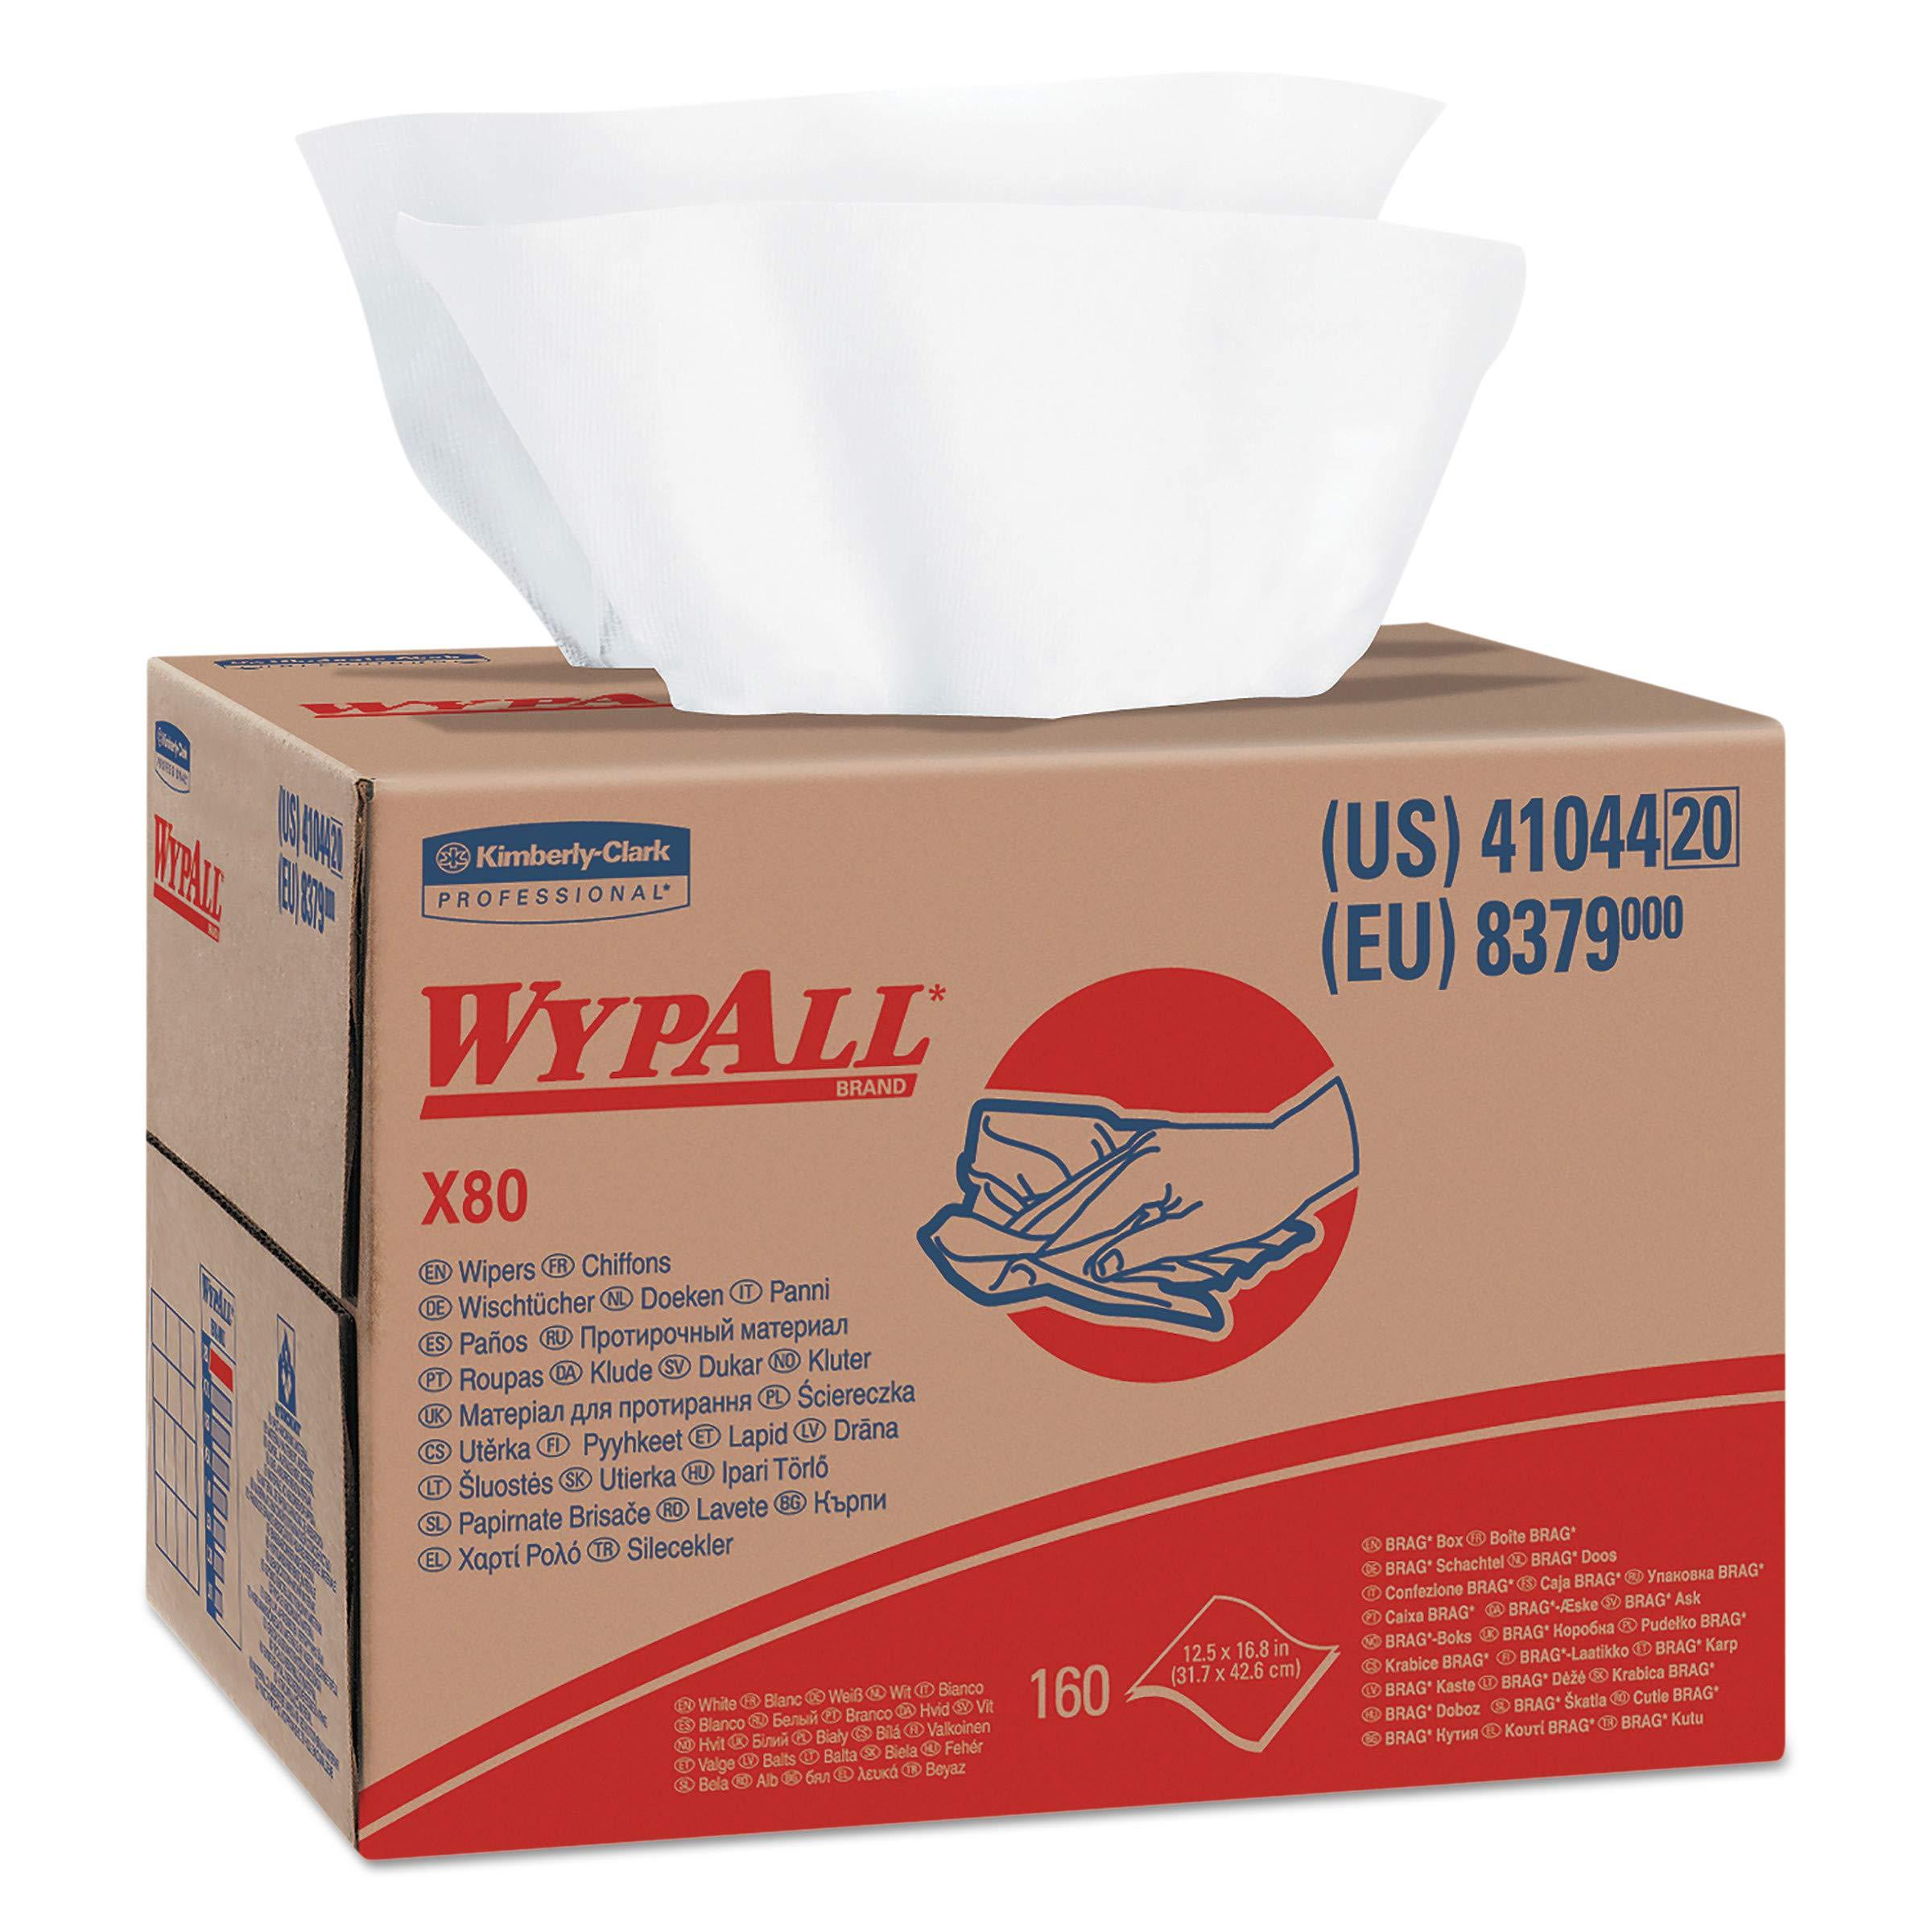 WypAll 41044 X80 Cloths, HYDROKNIT, BRAG Box, White, 12 1/2 x 16 4/5 (Box of 160)